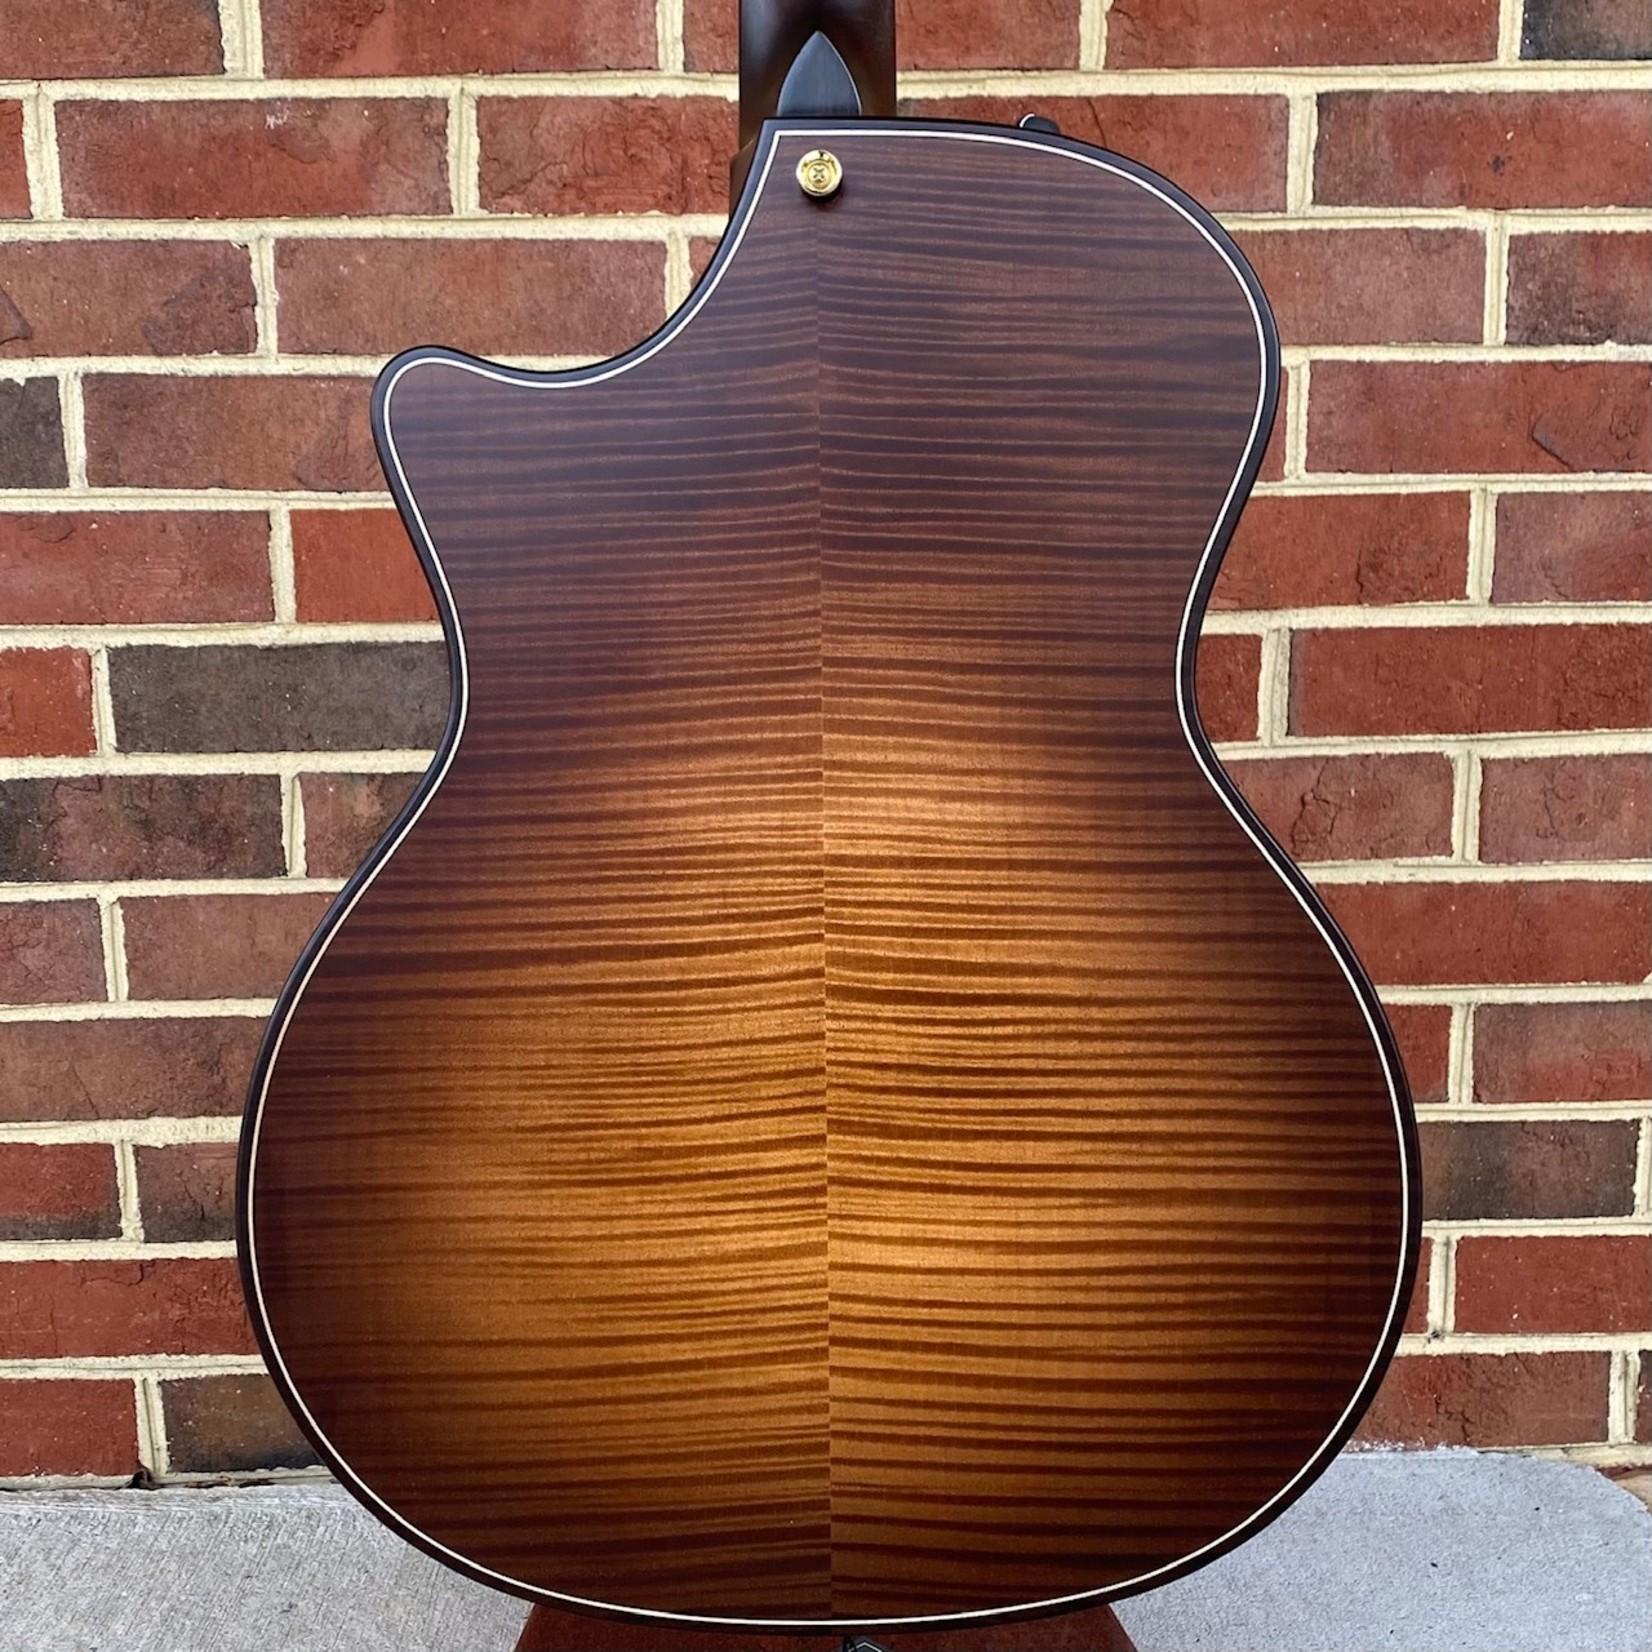 Taylor Taylor 614ce Builder's Edition,  Torrefied Sitka Spruce Top, Figured Big Leaf Maple Back & Sides, Expression System 2, Hardshell Case